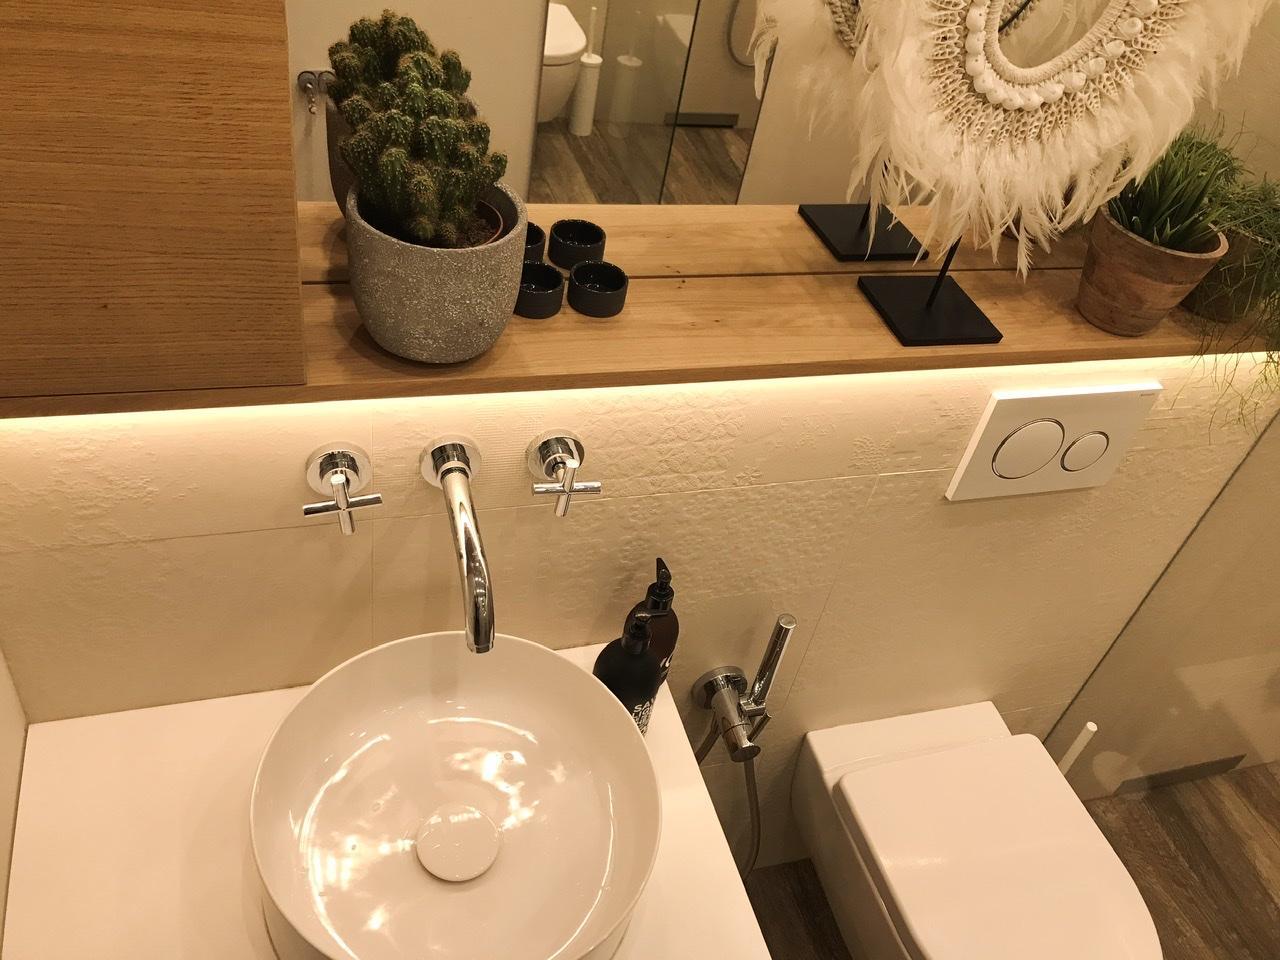 Naše L-ko - 2021 - stále dokončujeme - Druhá - malá kúpelňa (WC, sprcha, umyvadlo) po 4 rokoch. Keramické umyvadlo s keramickou krytkou